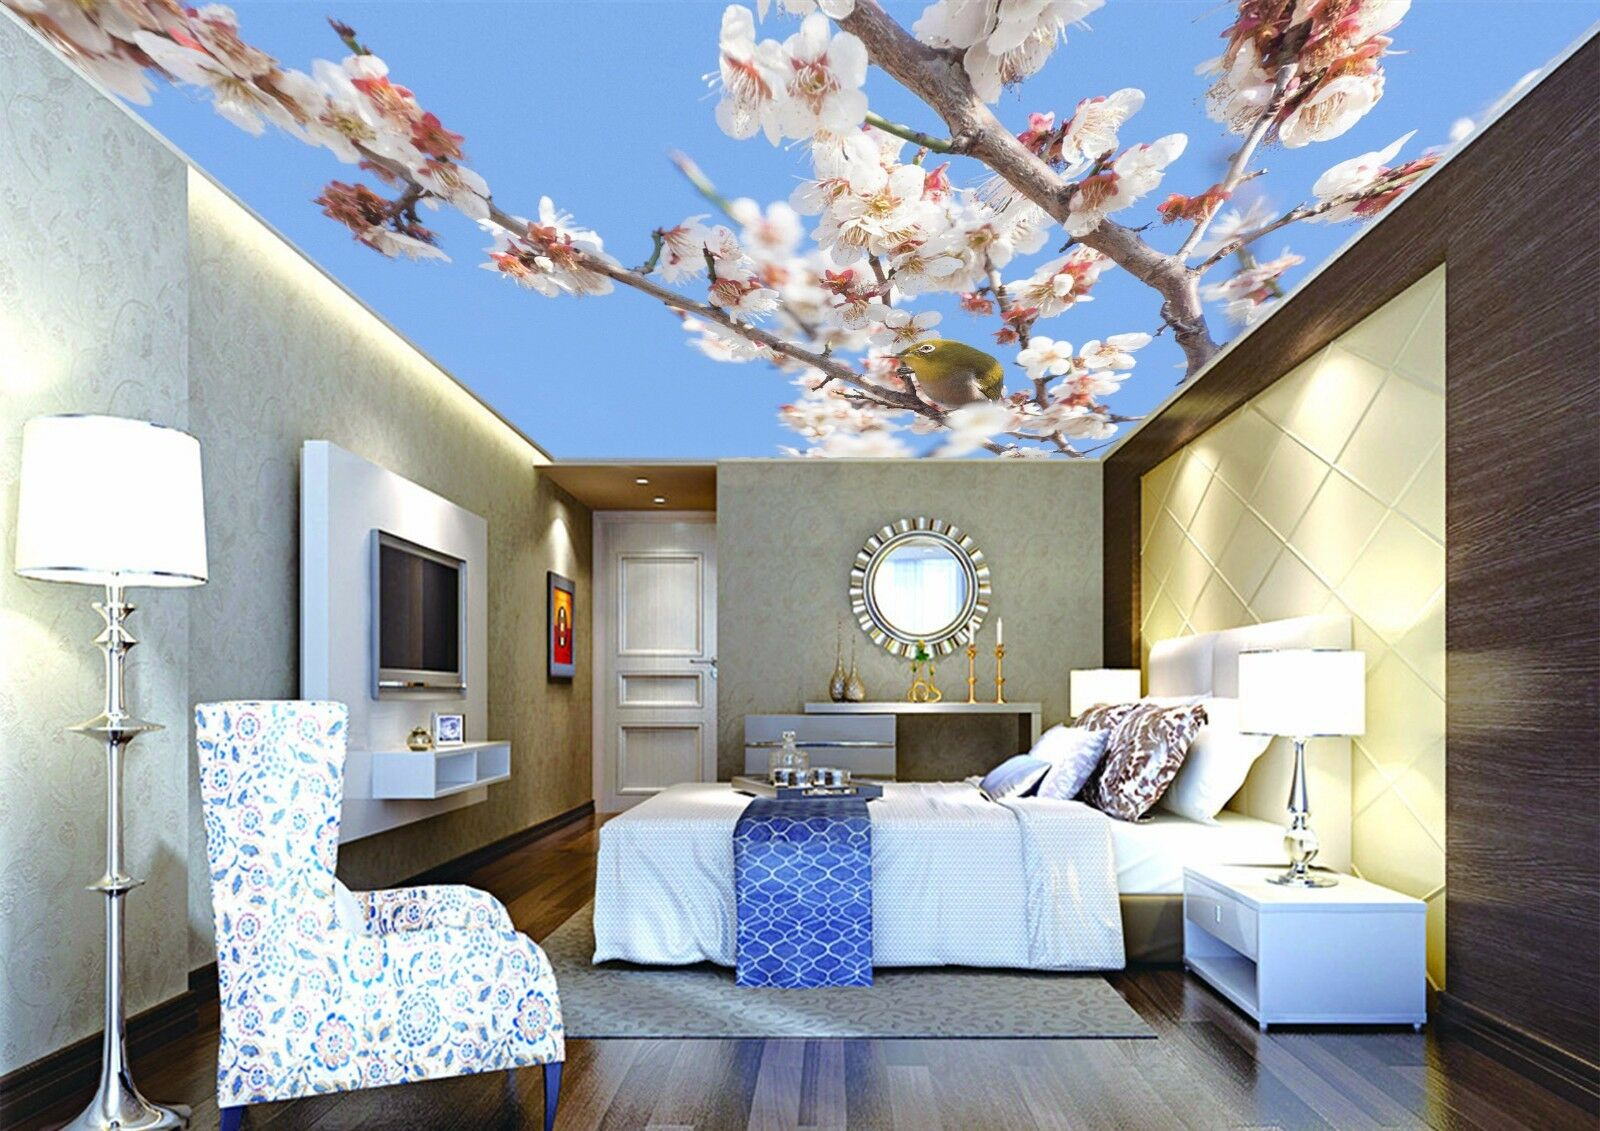 3D Flower Bird 85 Ceiling WallPaper Murals Wall Print Decal Deco AJ WALLPAPER GB